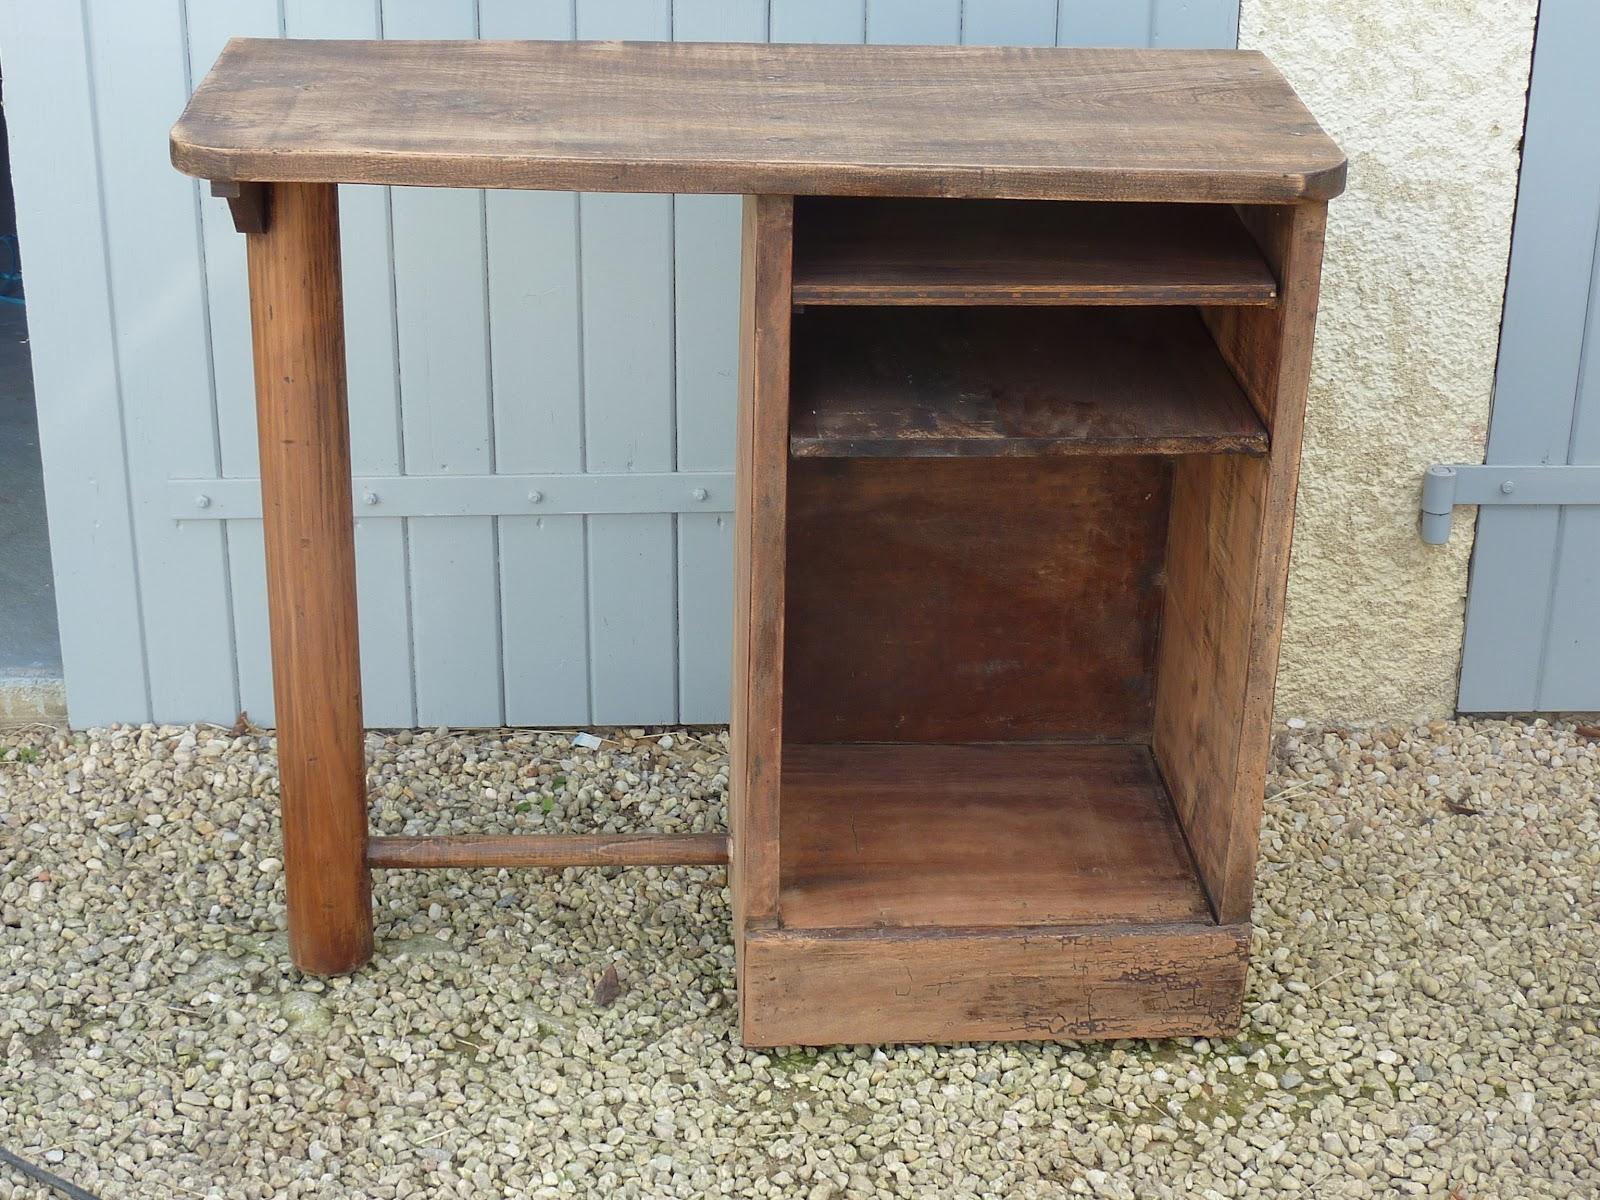 meuble peint imitation marquetterie et m tal rouill d co 39 ccinelle. Black Bedroom Furniture Sets. Home Design Ideas